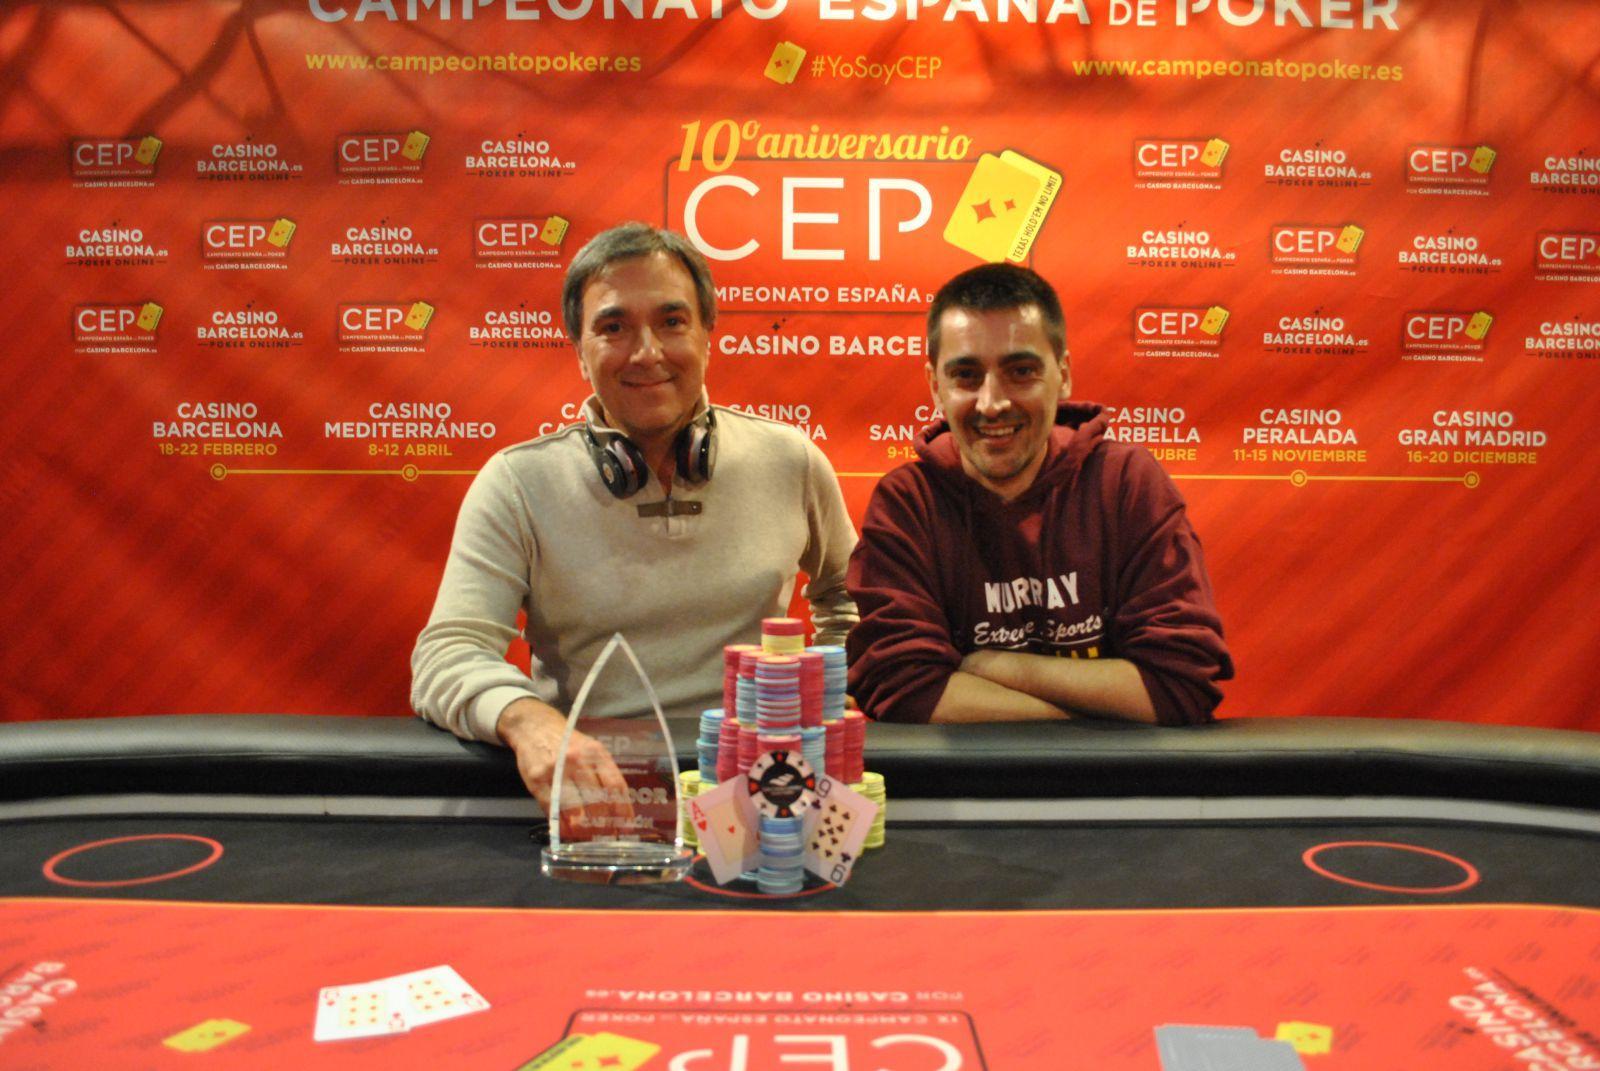 Gov of poker 2